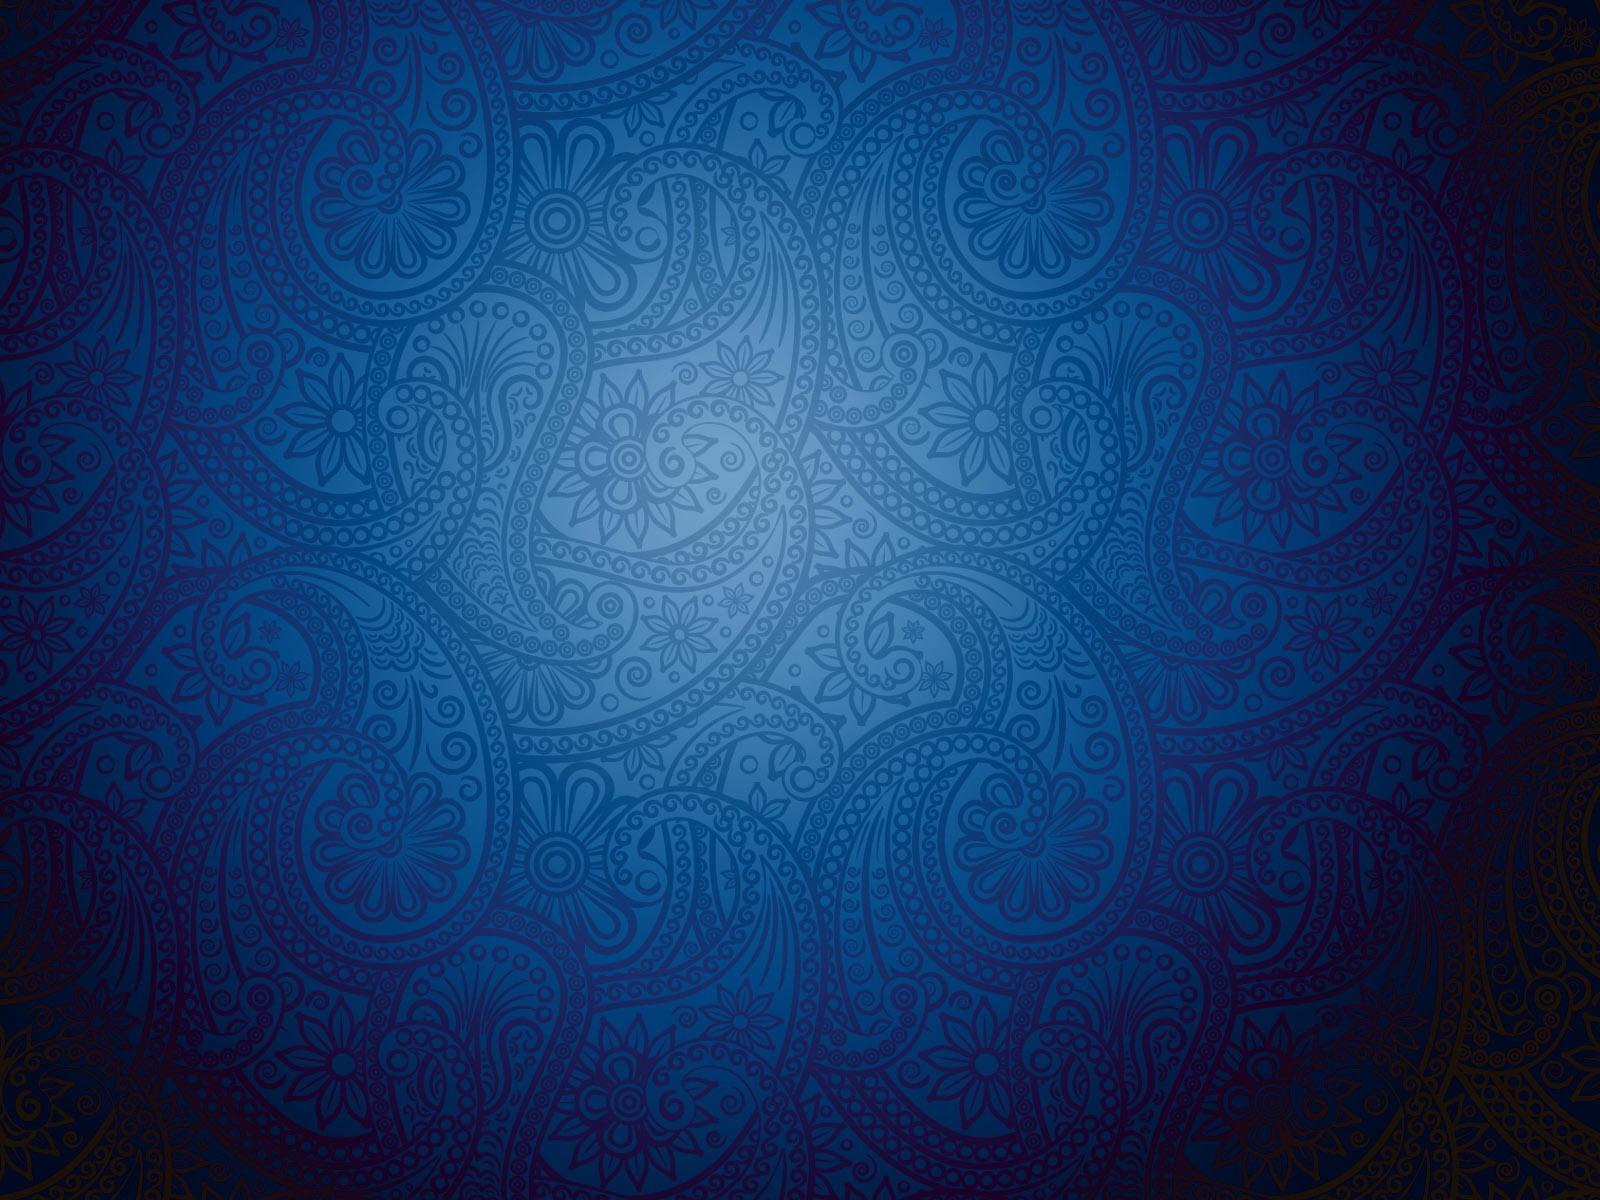 bleu motif floral murconception de lart abstrait fond d